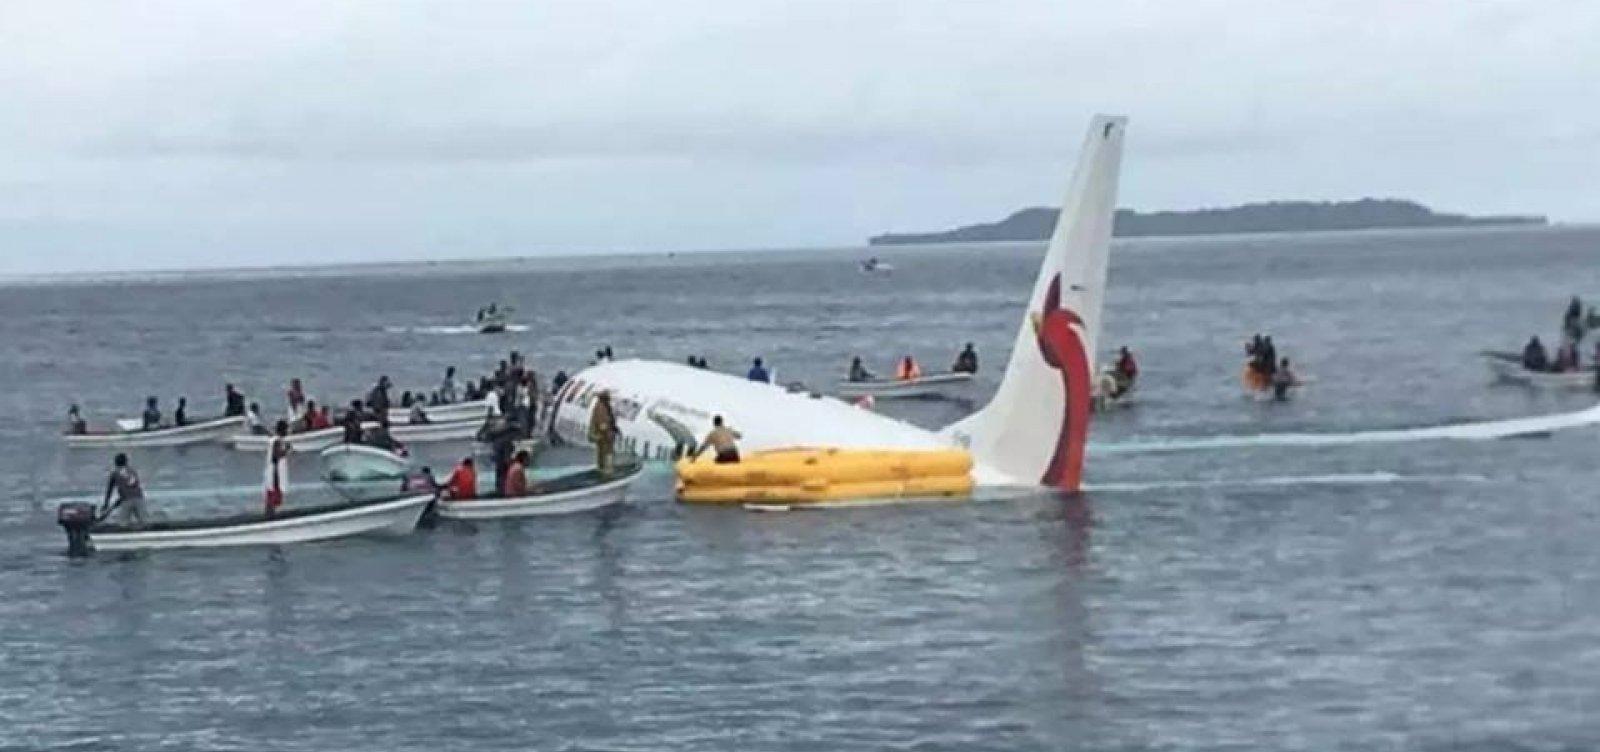 [Avião cai em lagoa na Micronésia após sair da pista]